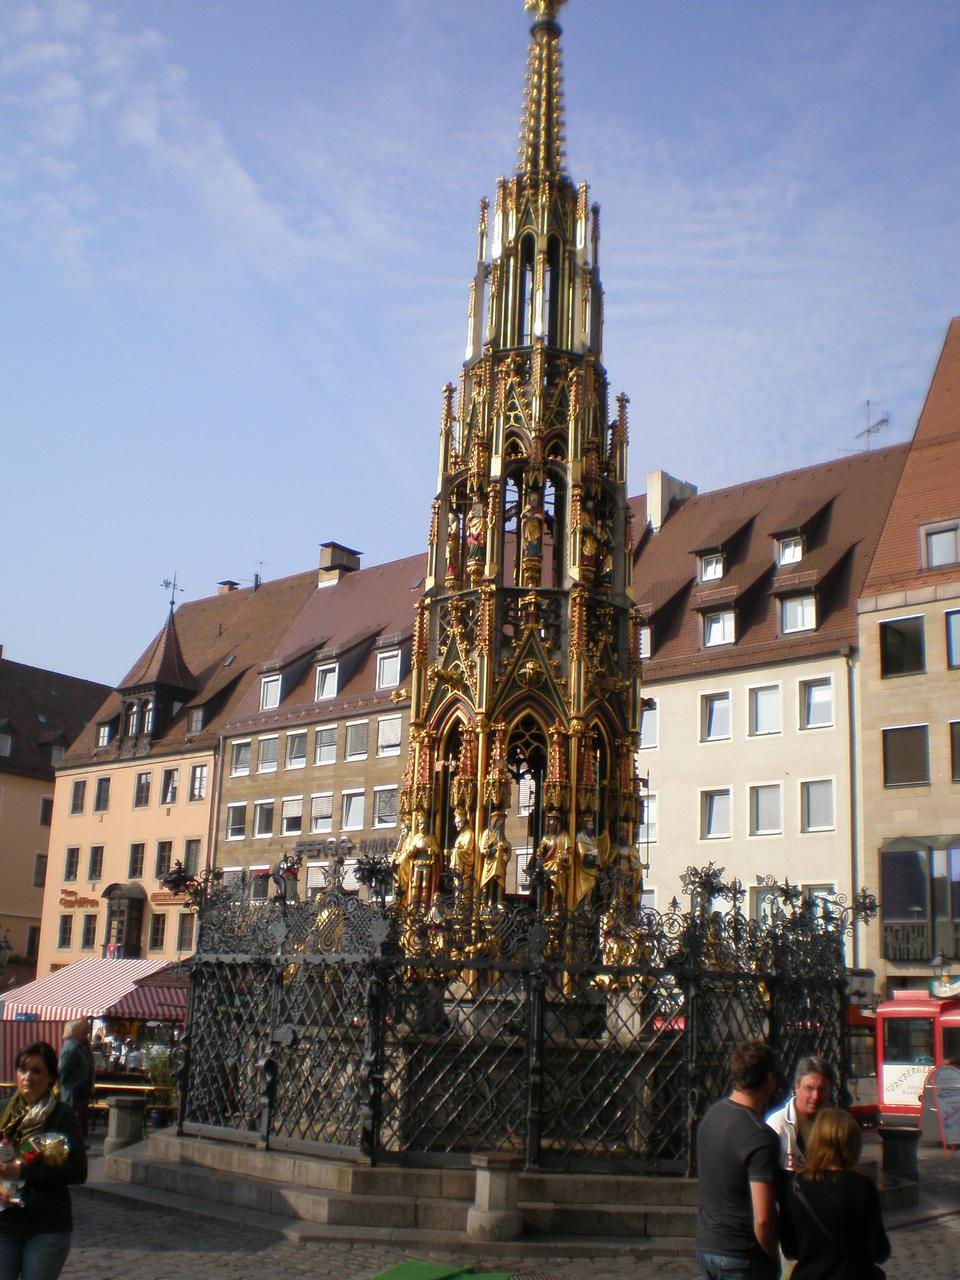 Nürnberg Regensburg